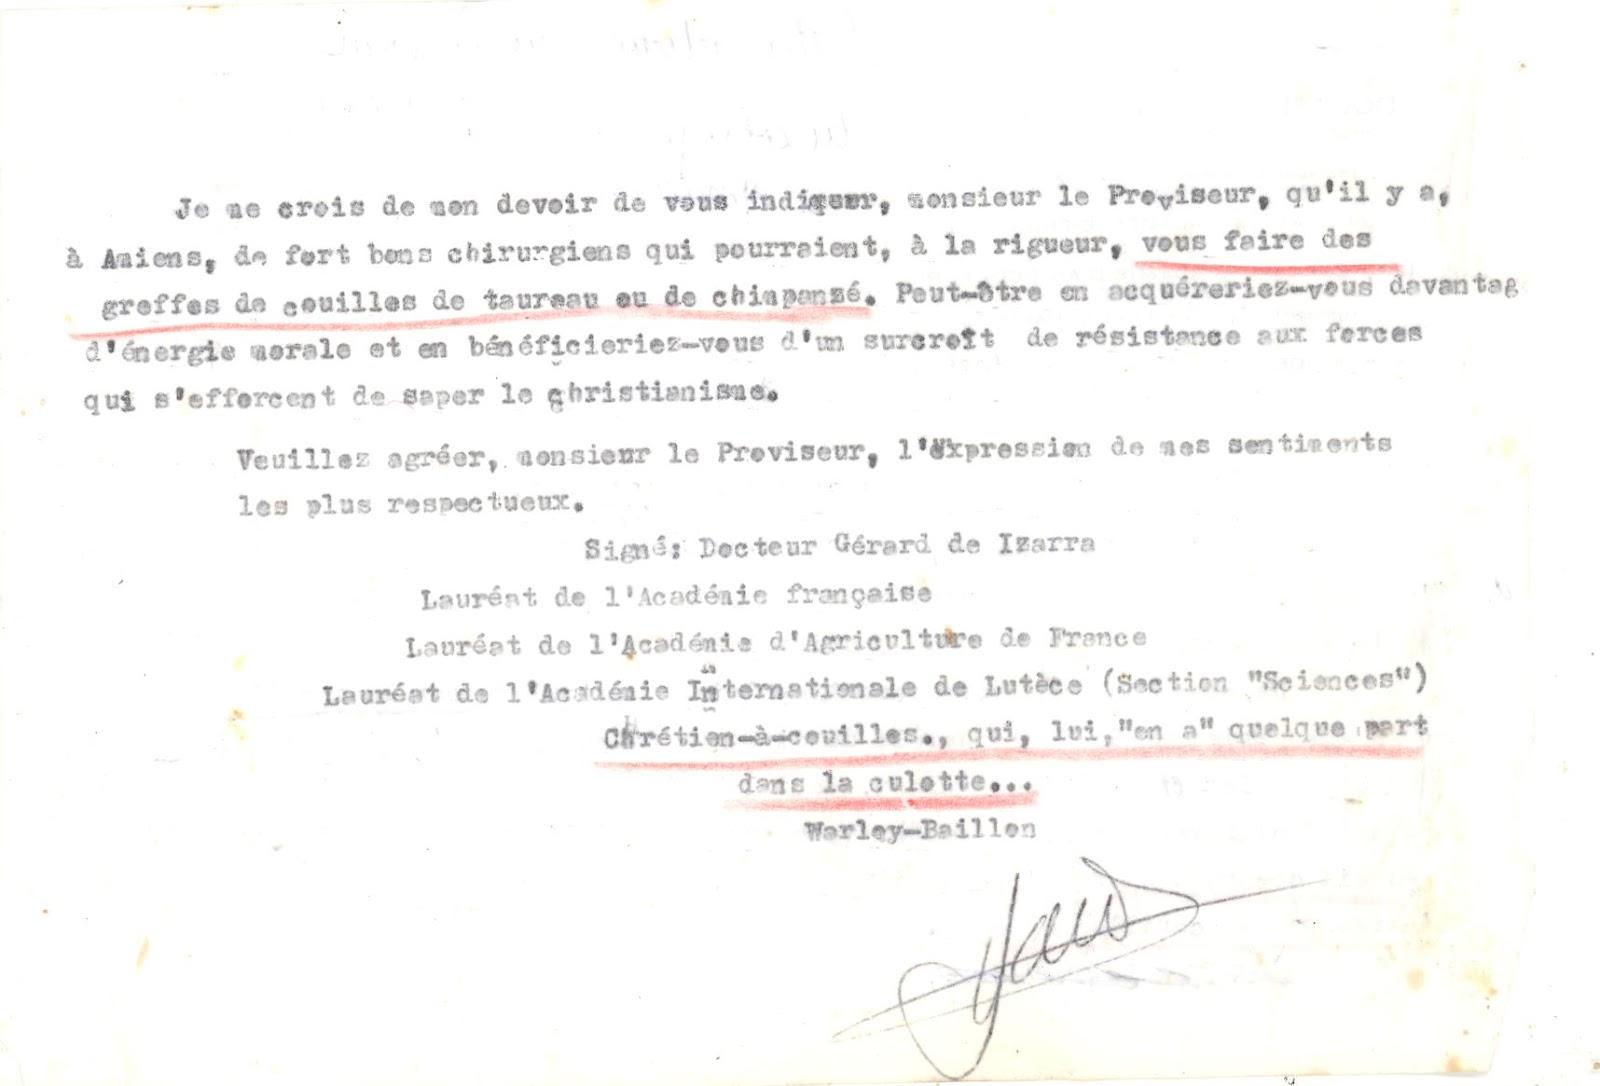 Histoire Du Docteur Gerhard Diego De Izarra 82 Lettres D Injures